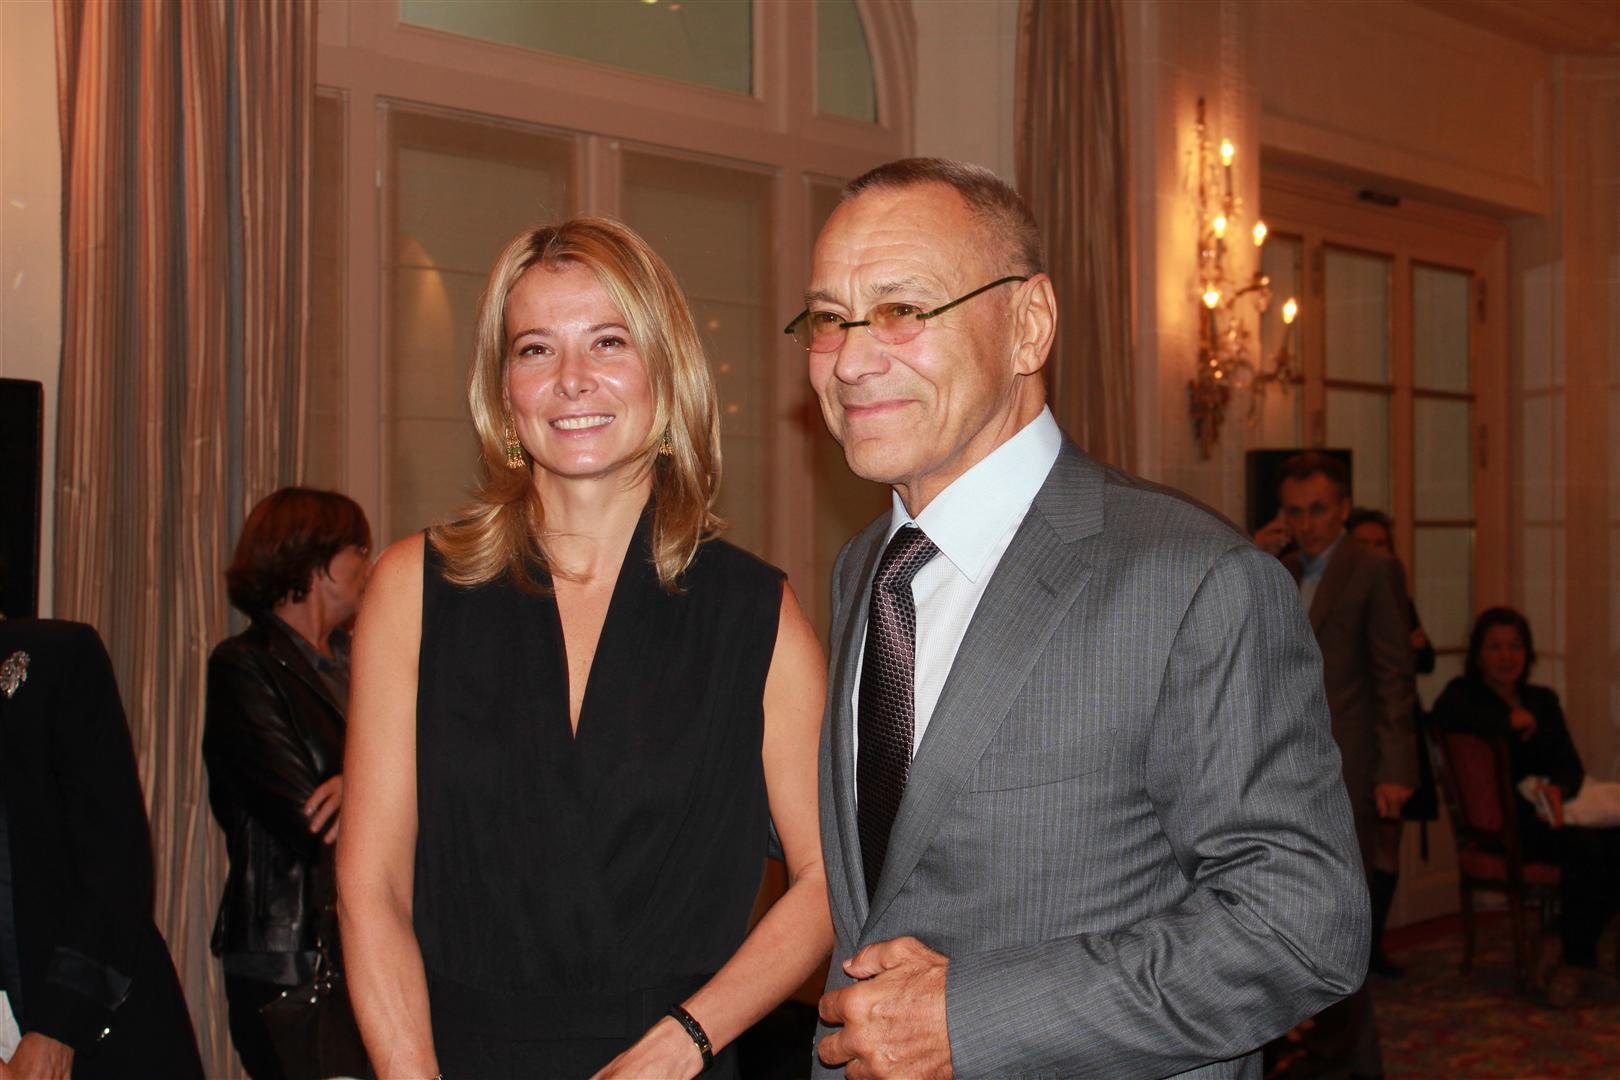 Андрей Кончаловский с женой, актрисой Юлией Высоцкой в Париже